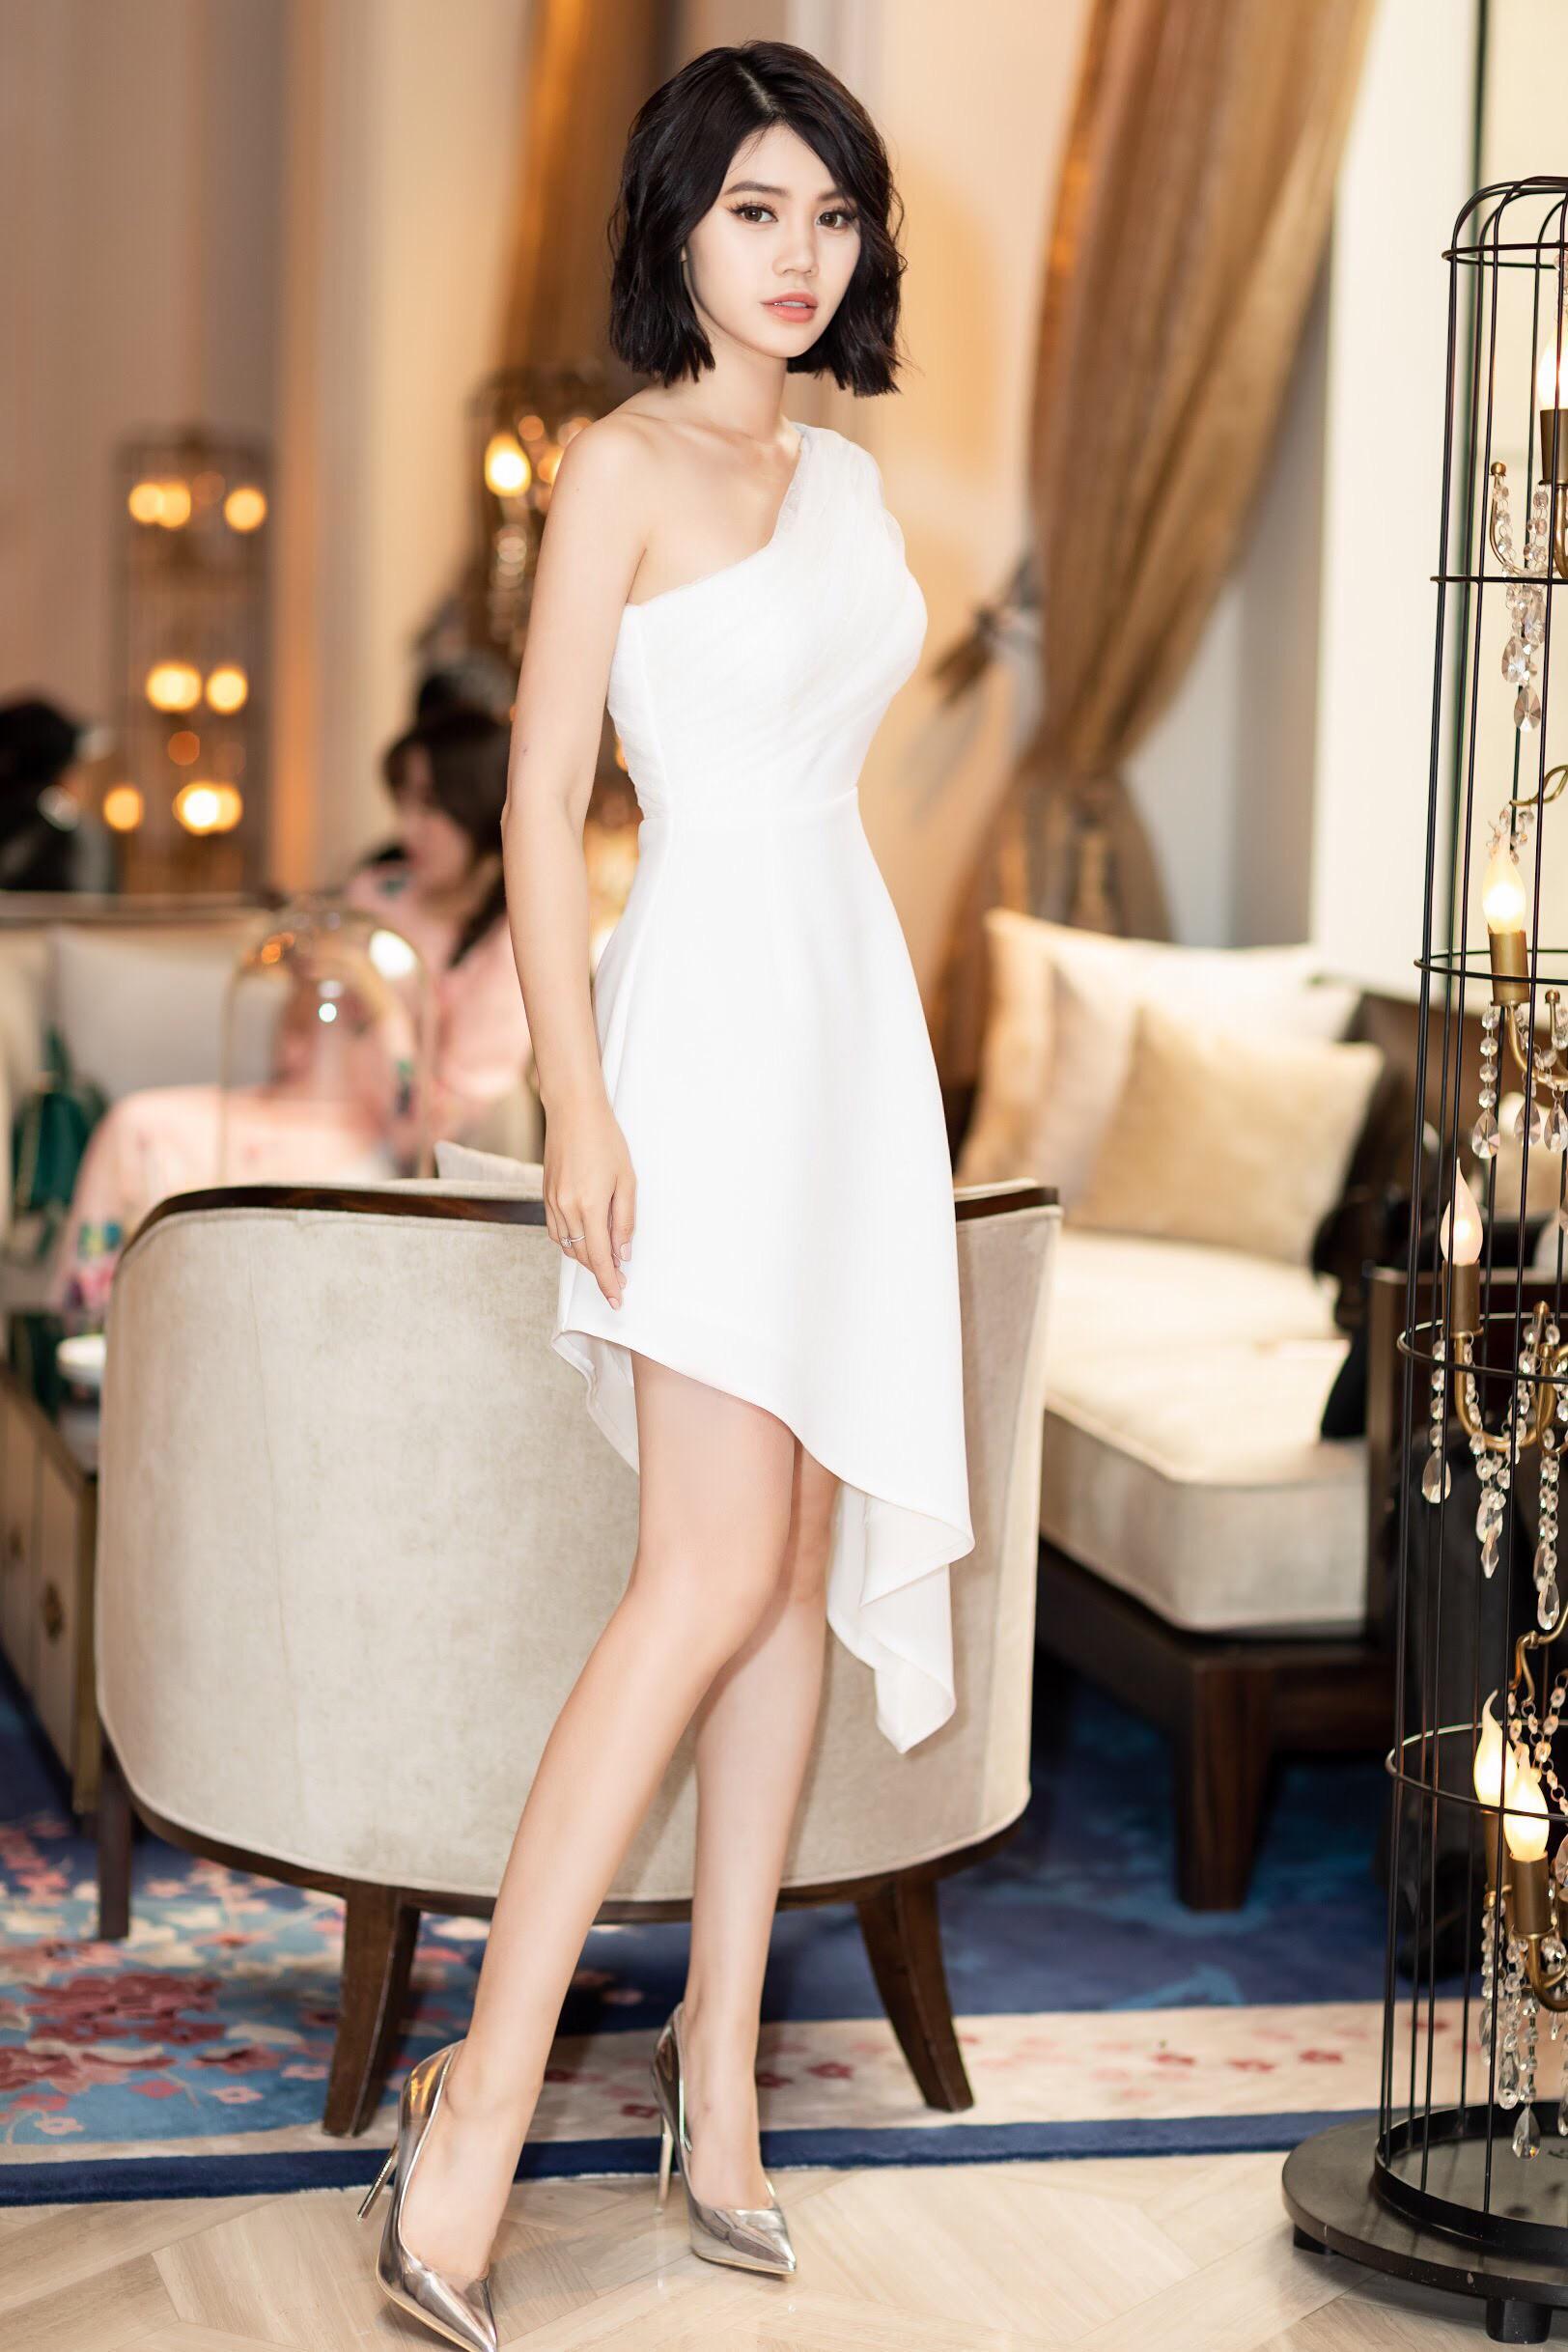 Thẳng tay cắt bỏ mái tóc dài để 20 năm, Hoa hậu Jolie Nguyễn vẫn gây thương nhớ với tóc ngắn cá tính - Ảnh 2.